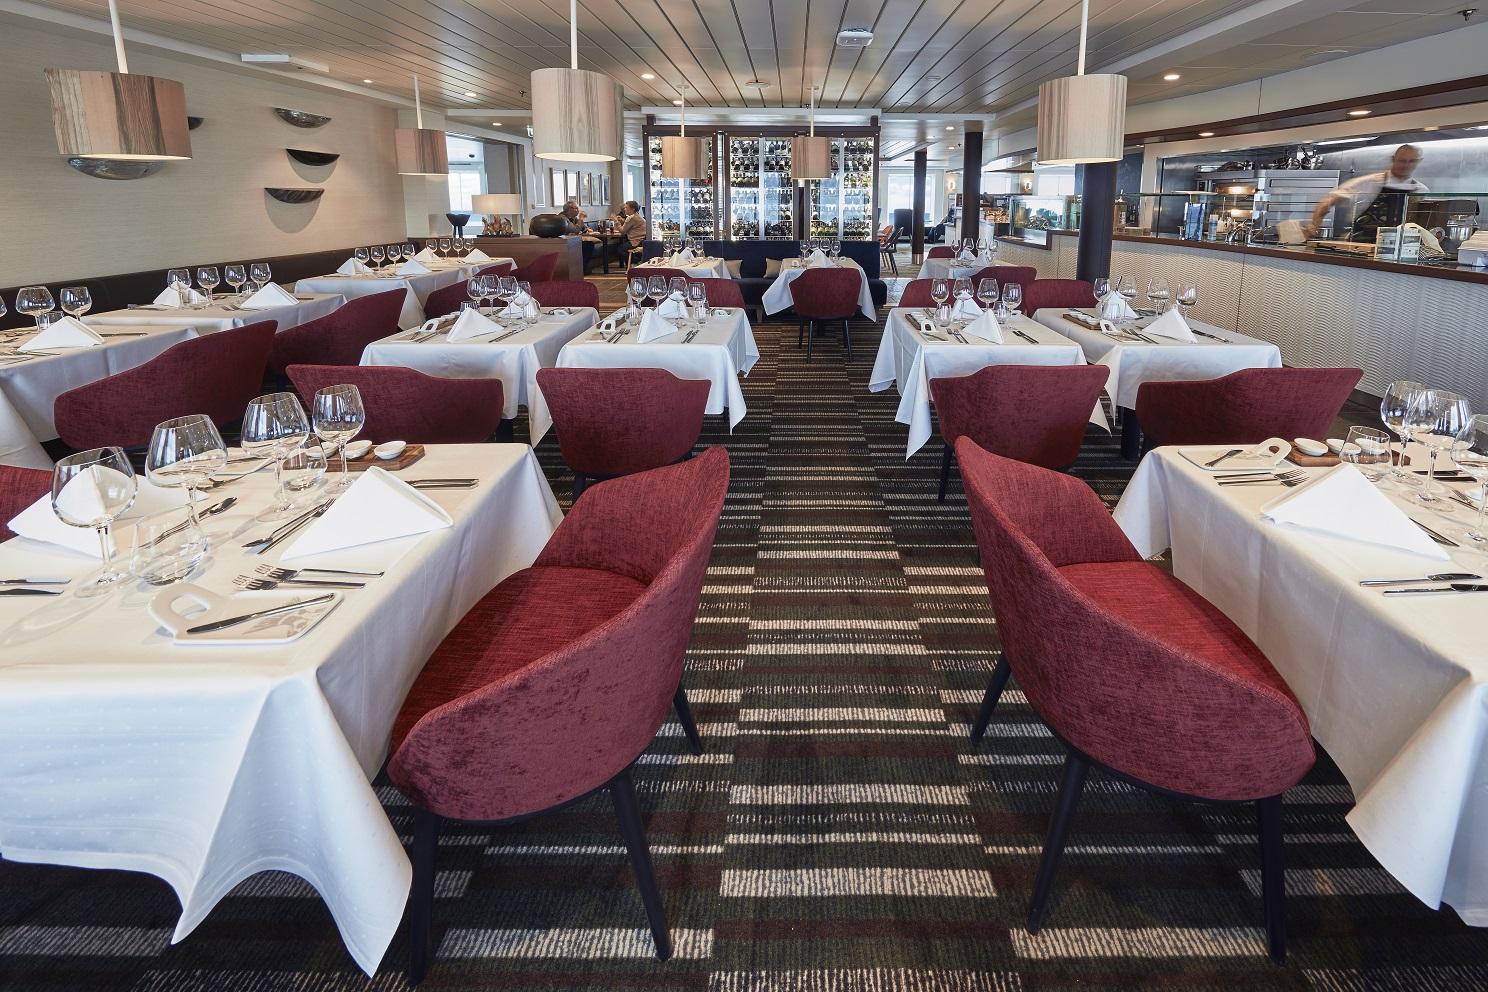 Middagsrestaurang ombord MS Nordkapp, Hurtigruten